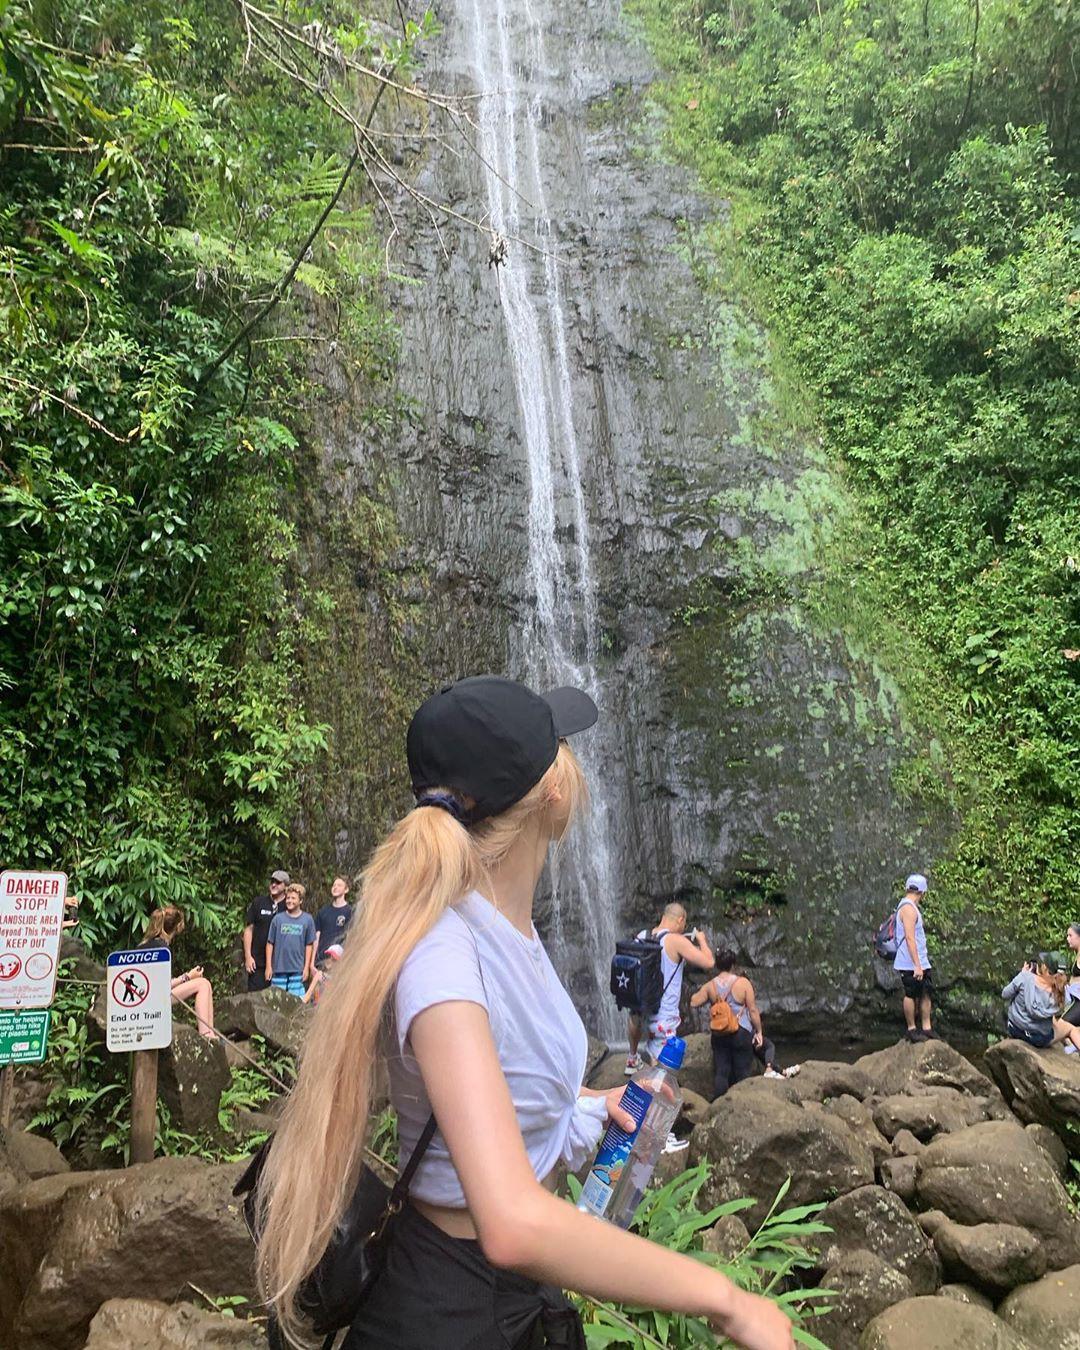 Dù YG có giữ bí mật tới mức nào thì lịch trình ở Hawaii của BLACKPINK vẫn được tiết lộ gần như toàn bộ bởi cô nàng này - Ảnh 14.